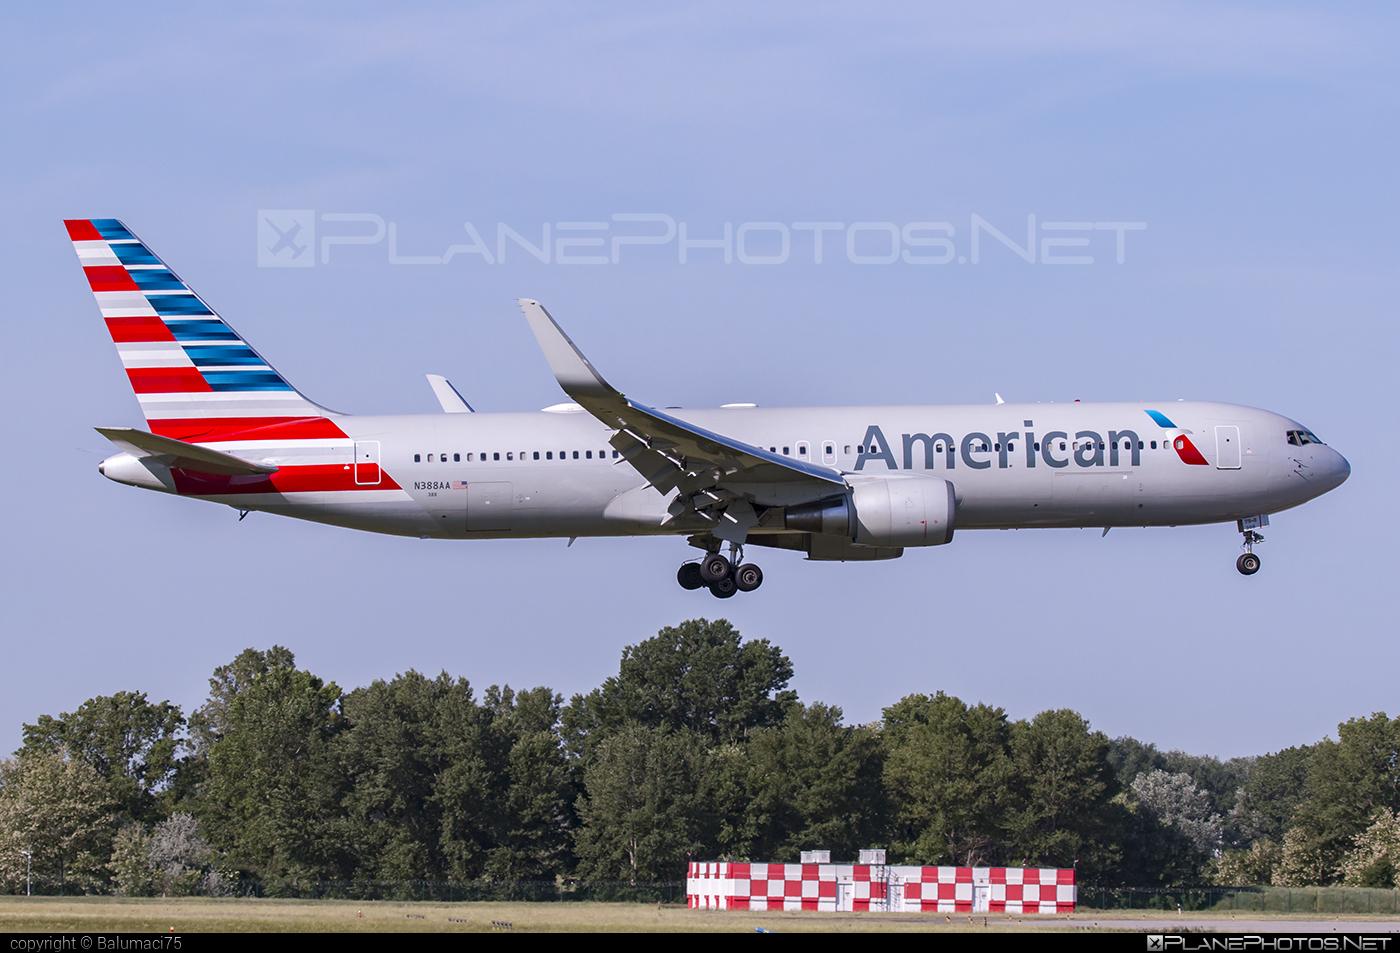 American Airlines Boeing 767-300ER - N388AA #americanairlines #b767 #b767er #boeing #boeing767